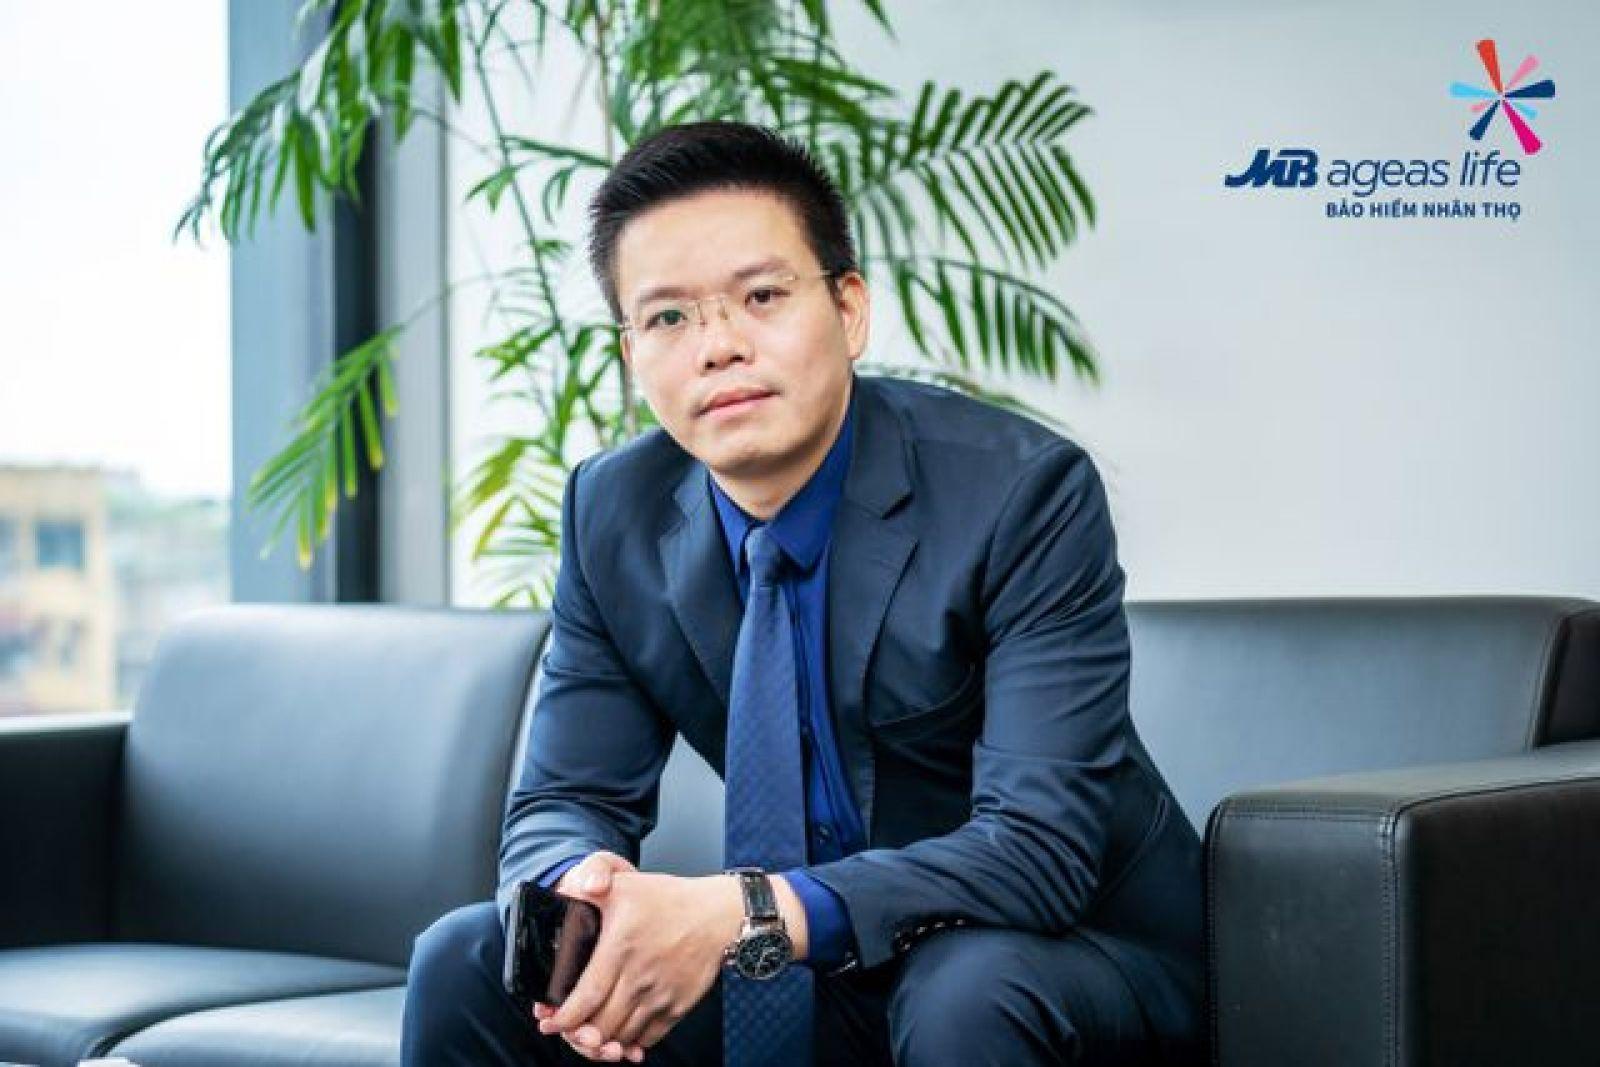 Ông Vũ Hồng Phú - Chủ tịch UBĐH MB Ageas Life